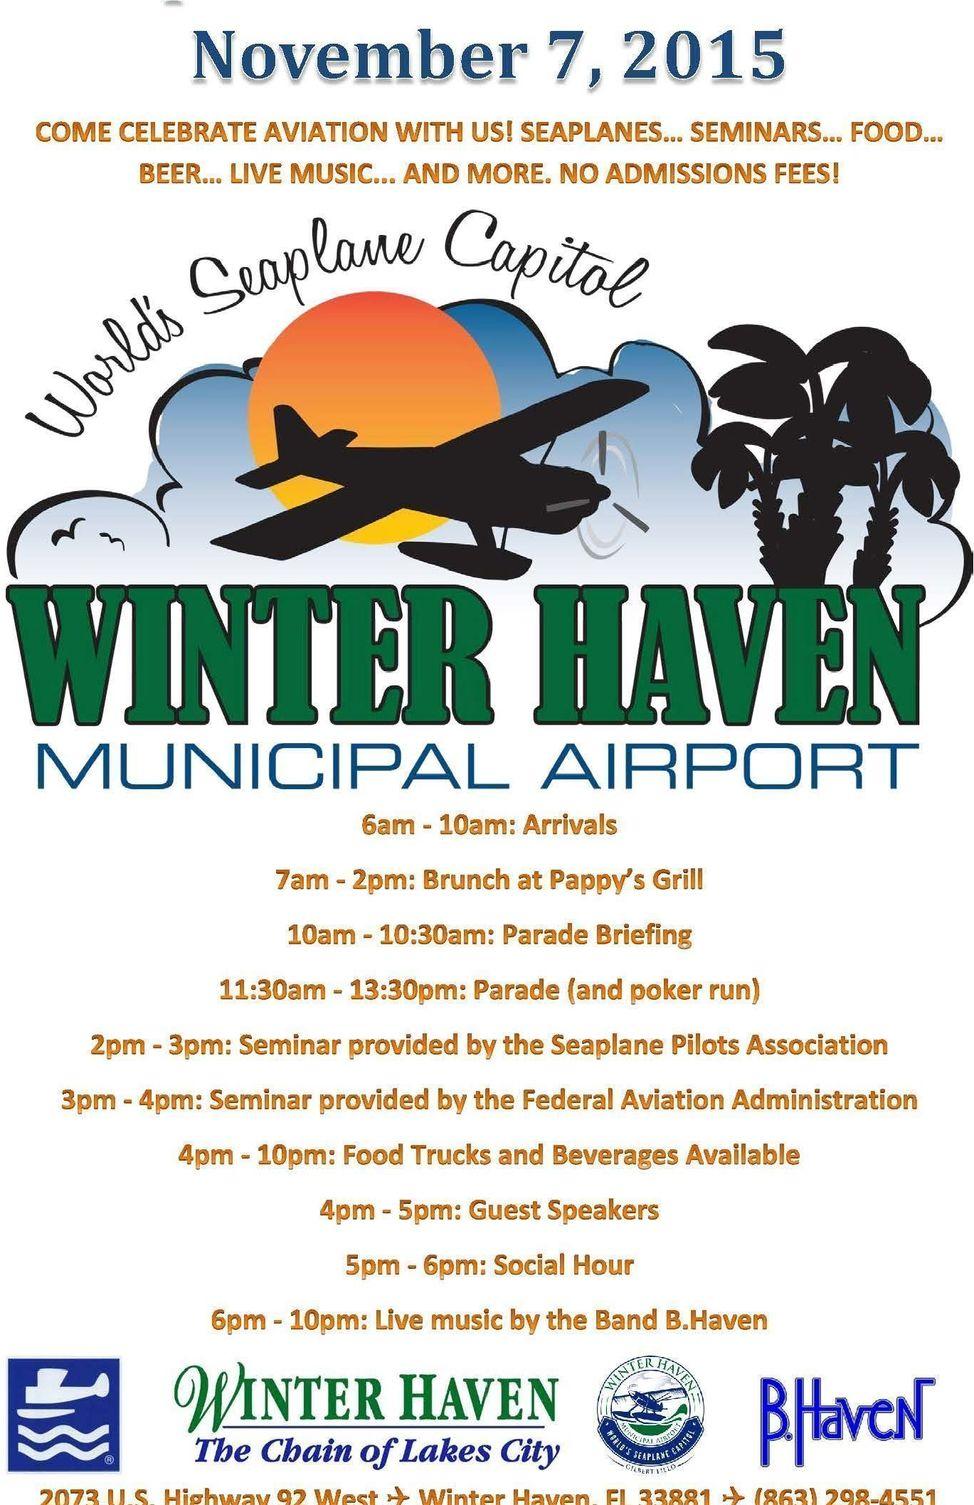 Winter Haven Seaplane